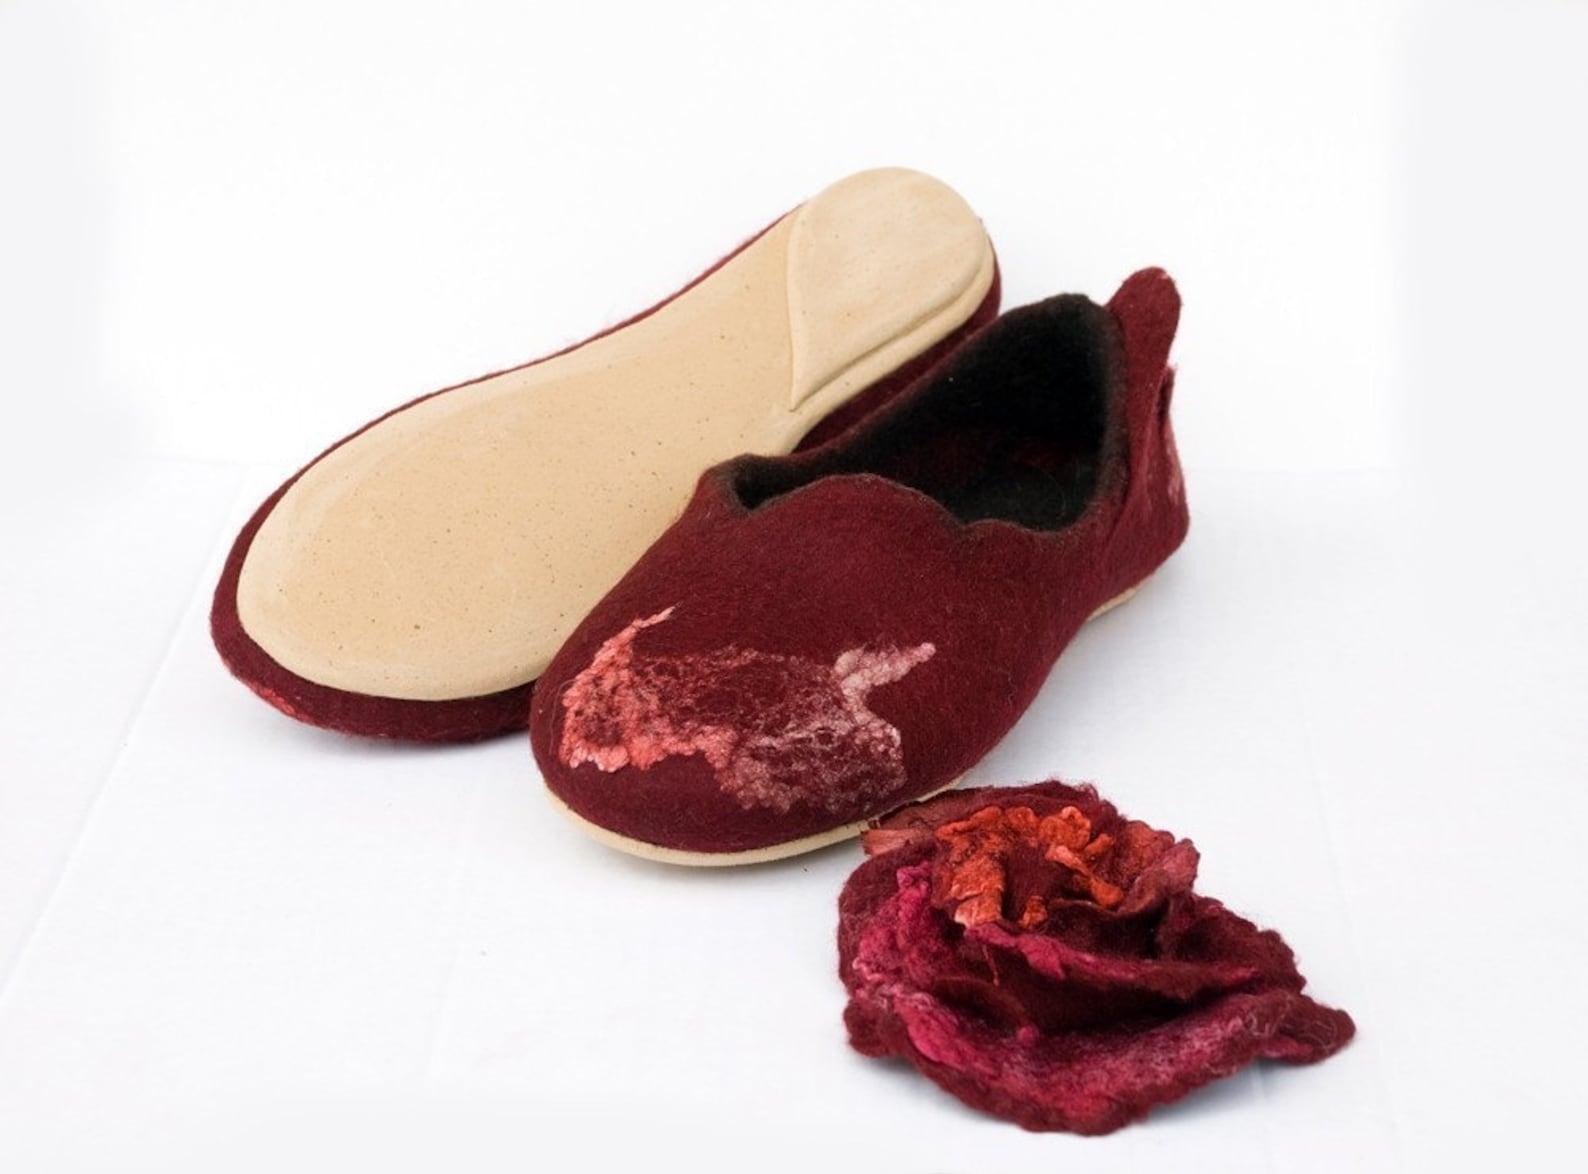 winter wedding handmade slippers with roses, handmade shoes, felt slippers flower, grandma gift ballet flats women slippers cozy